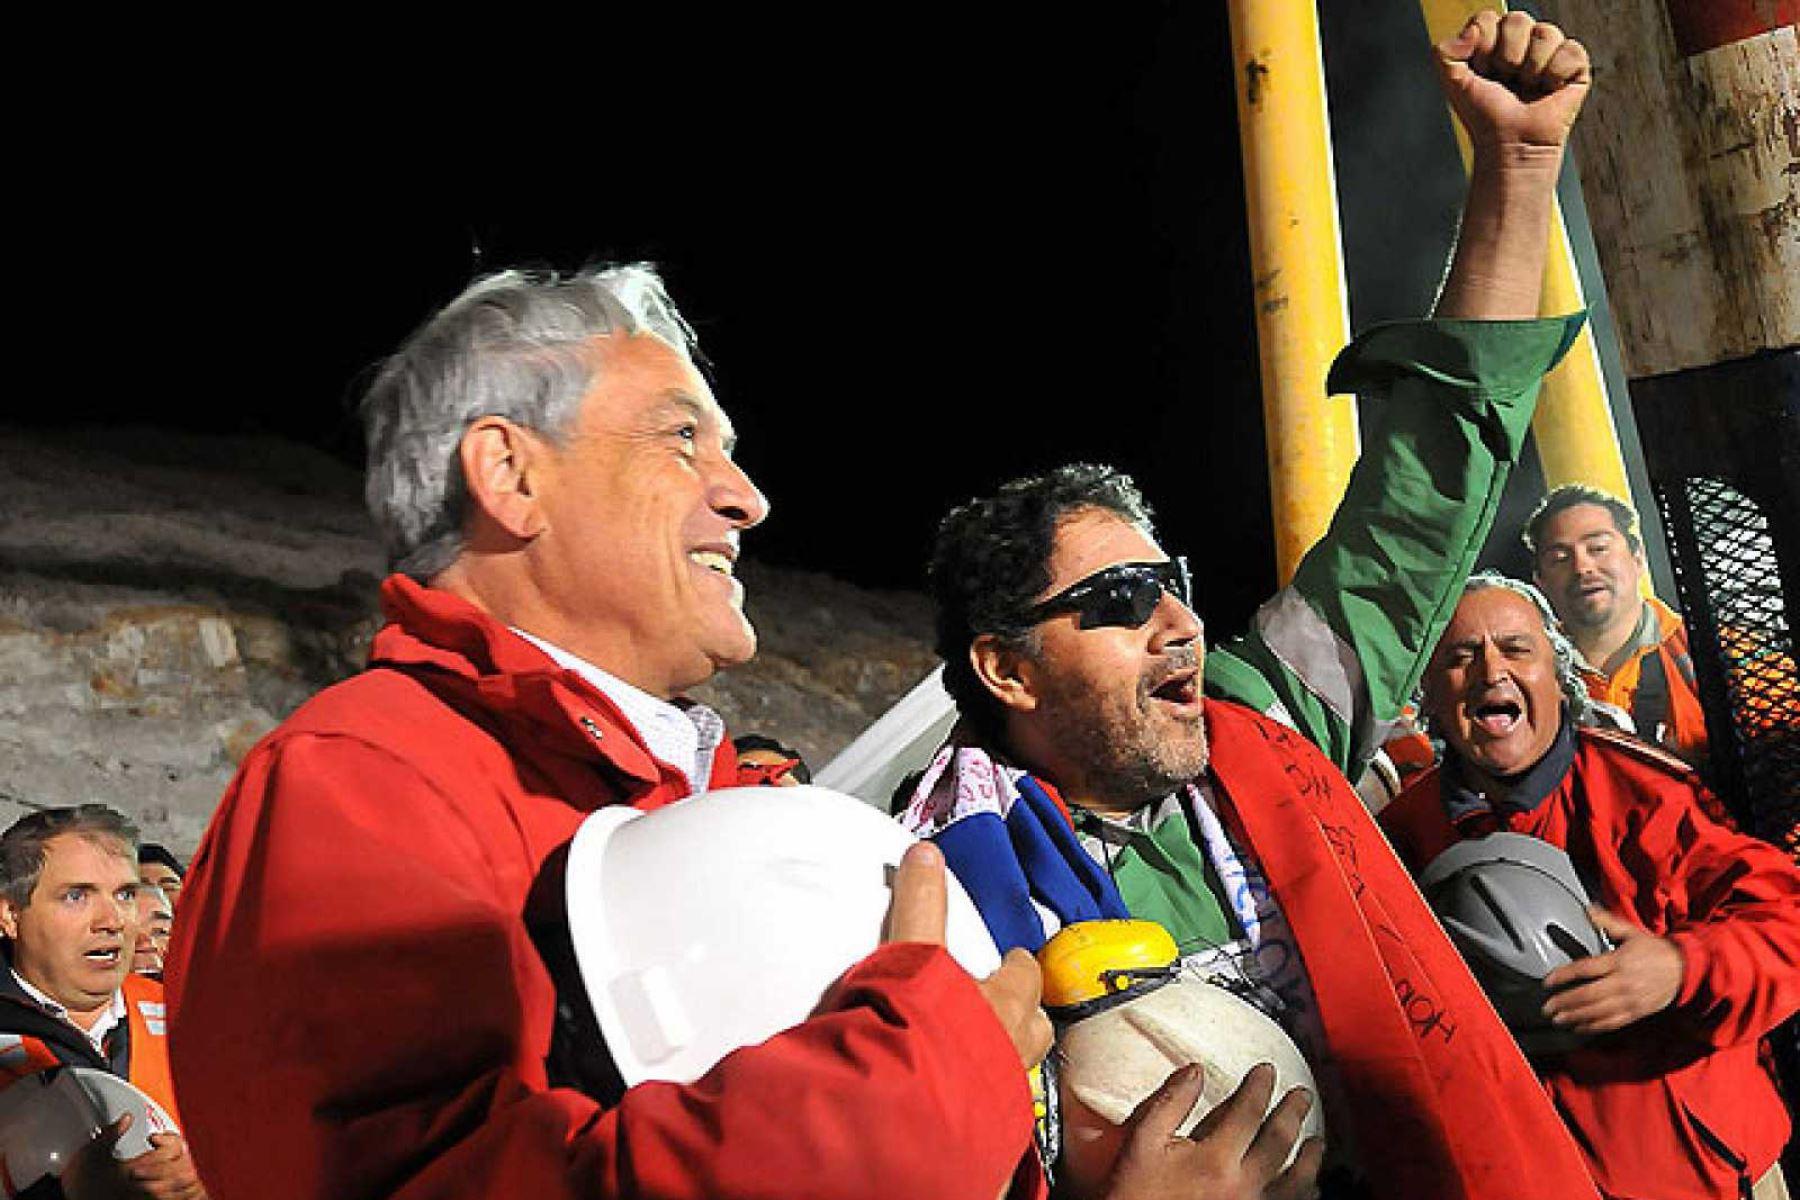 El presidente de Chile, Sebastián Piñera, estuvo presente, en su primer mandato, del rescate de los 33 mineros de Atacama. Foto: Internet